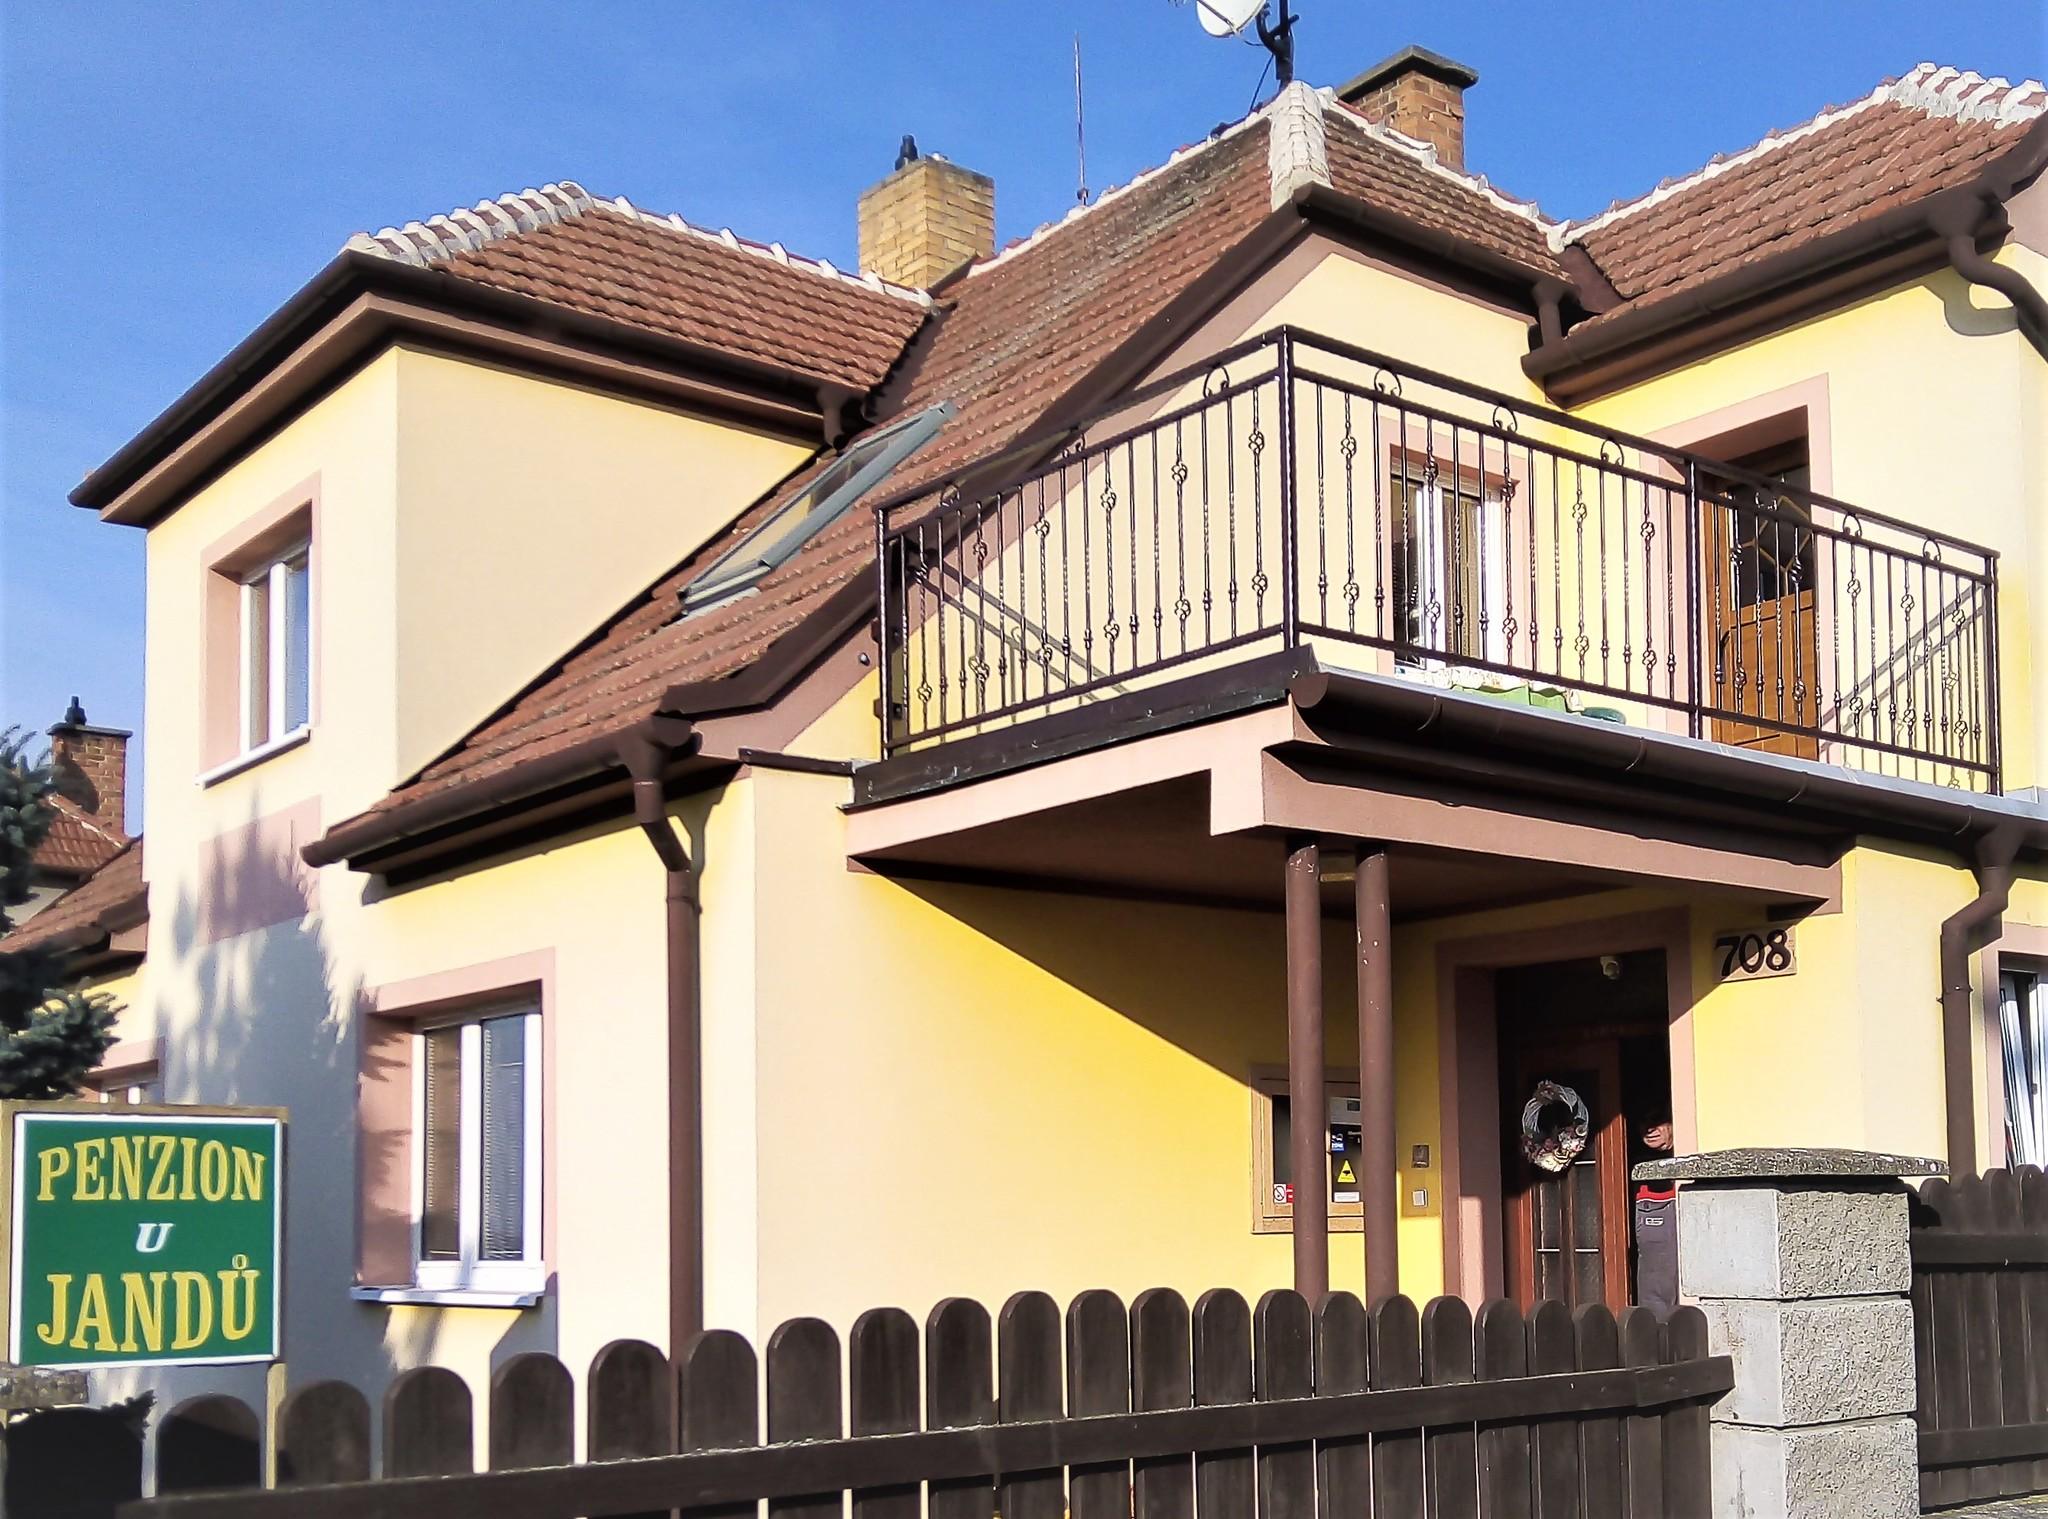 Zábradlí kované balkonové, zinek, hnědá barva a patina